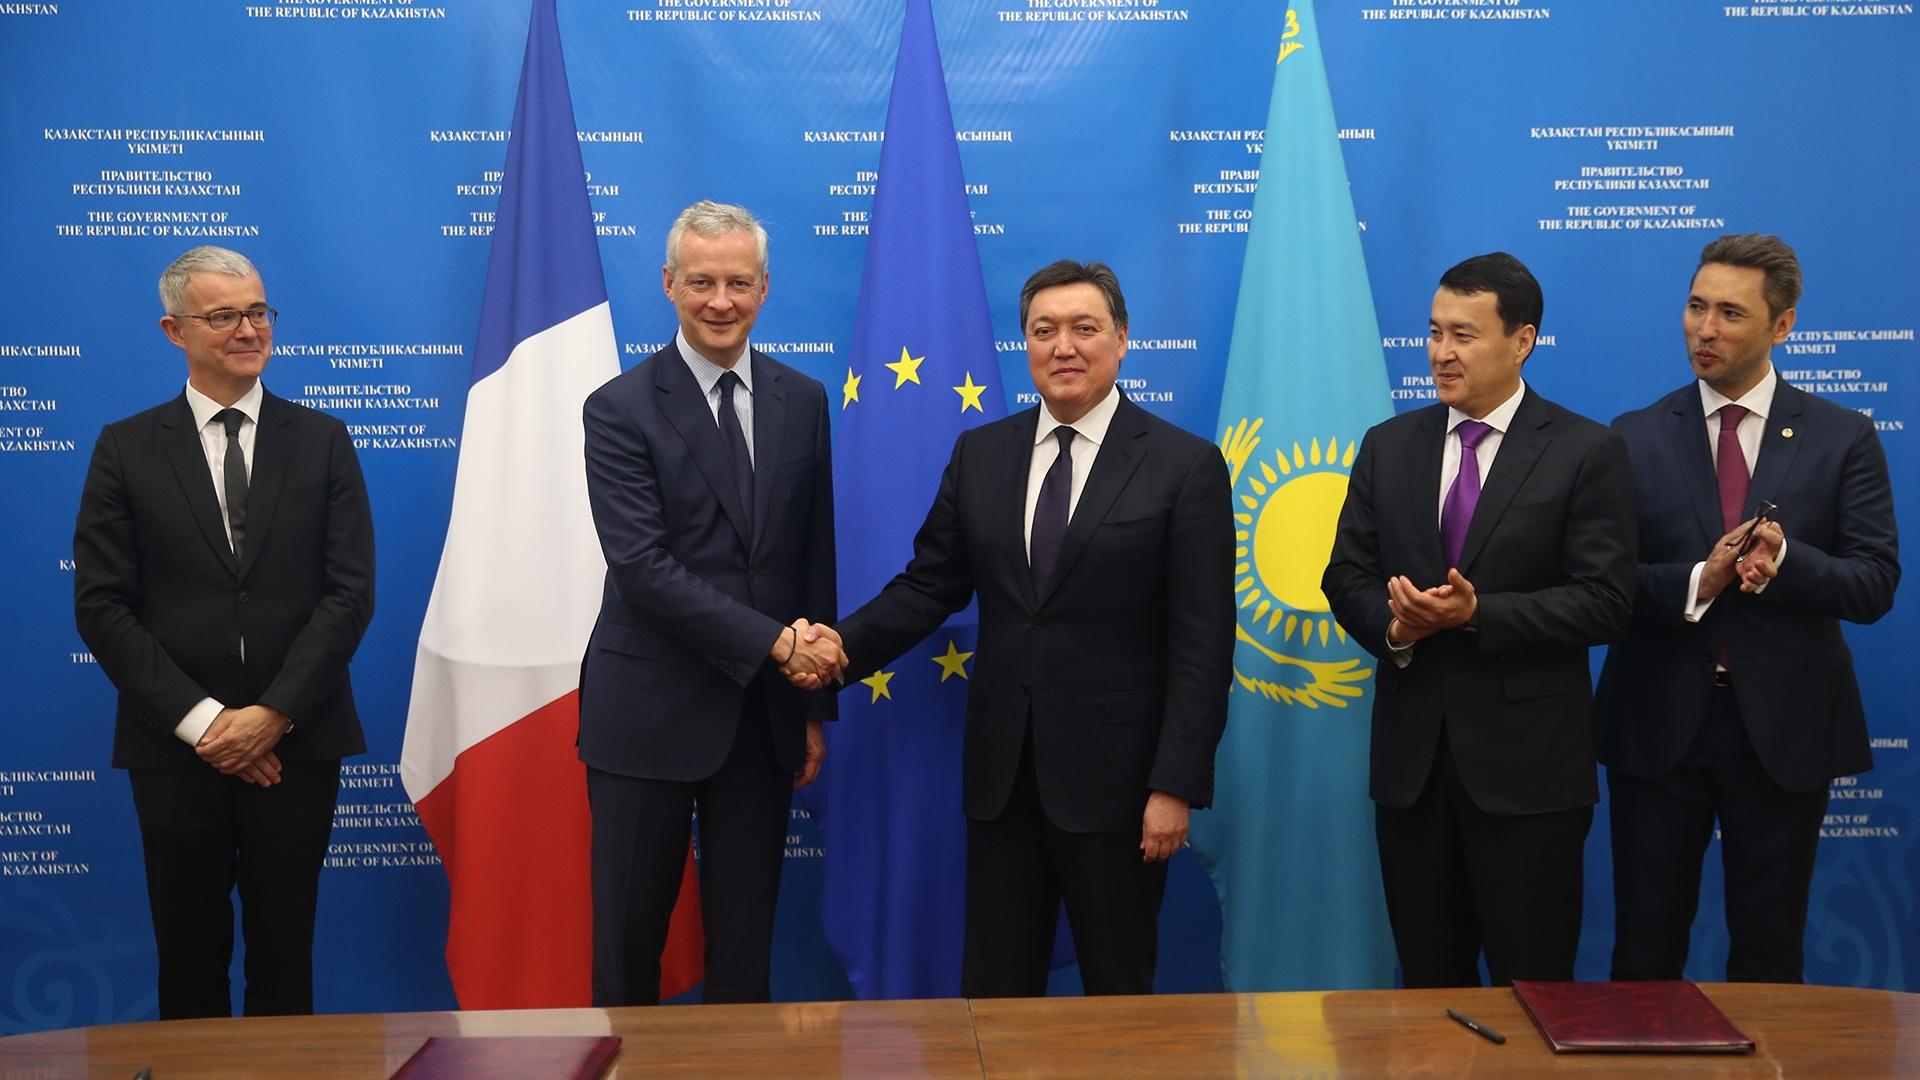 Bruno Le Maire Ministre France Economie Finances Rencontre Askar Mamine Premier Ministre Kazakhstan